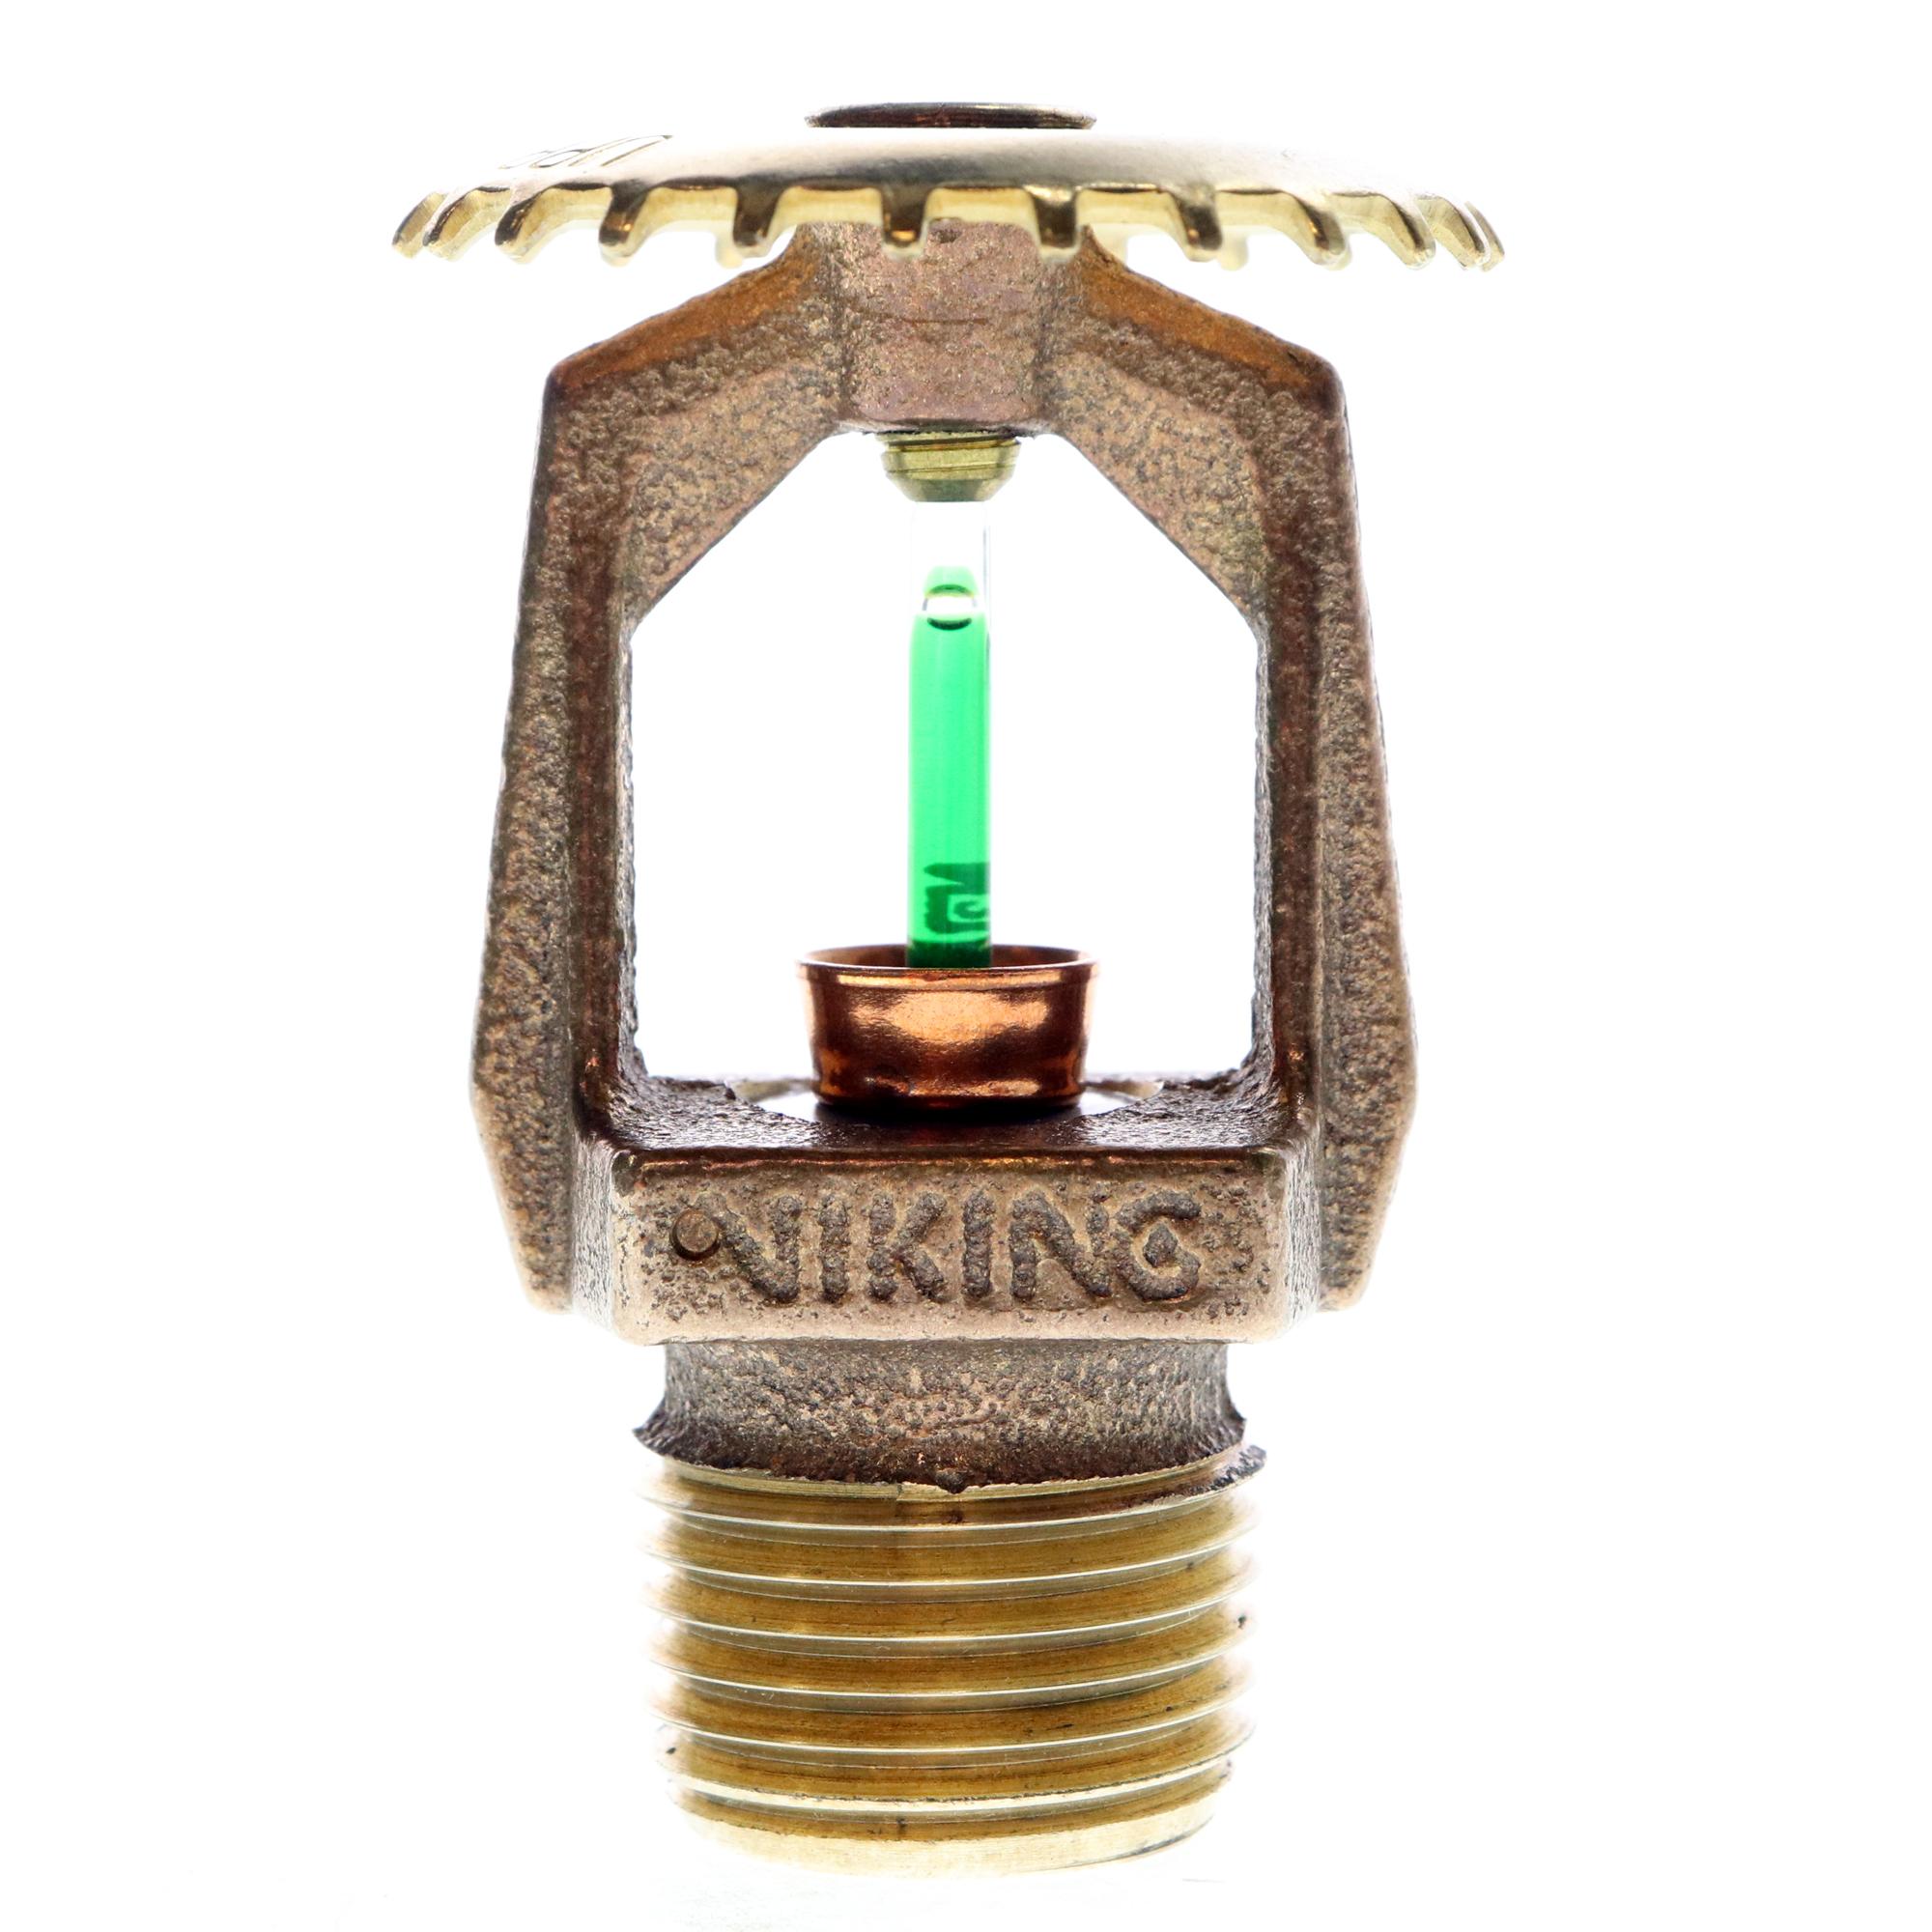 Viking 06661bae model m vk300 brass fire sprinkler 1 2 for Fire sprinkler system cost calculator